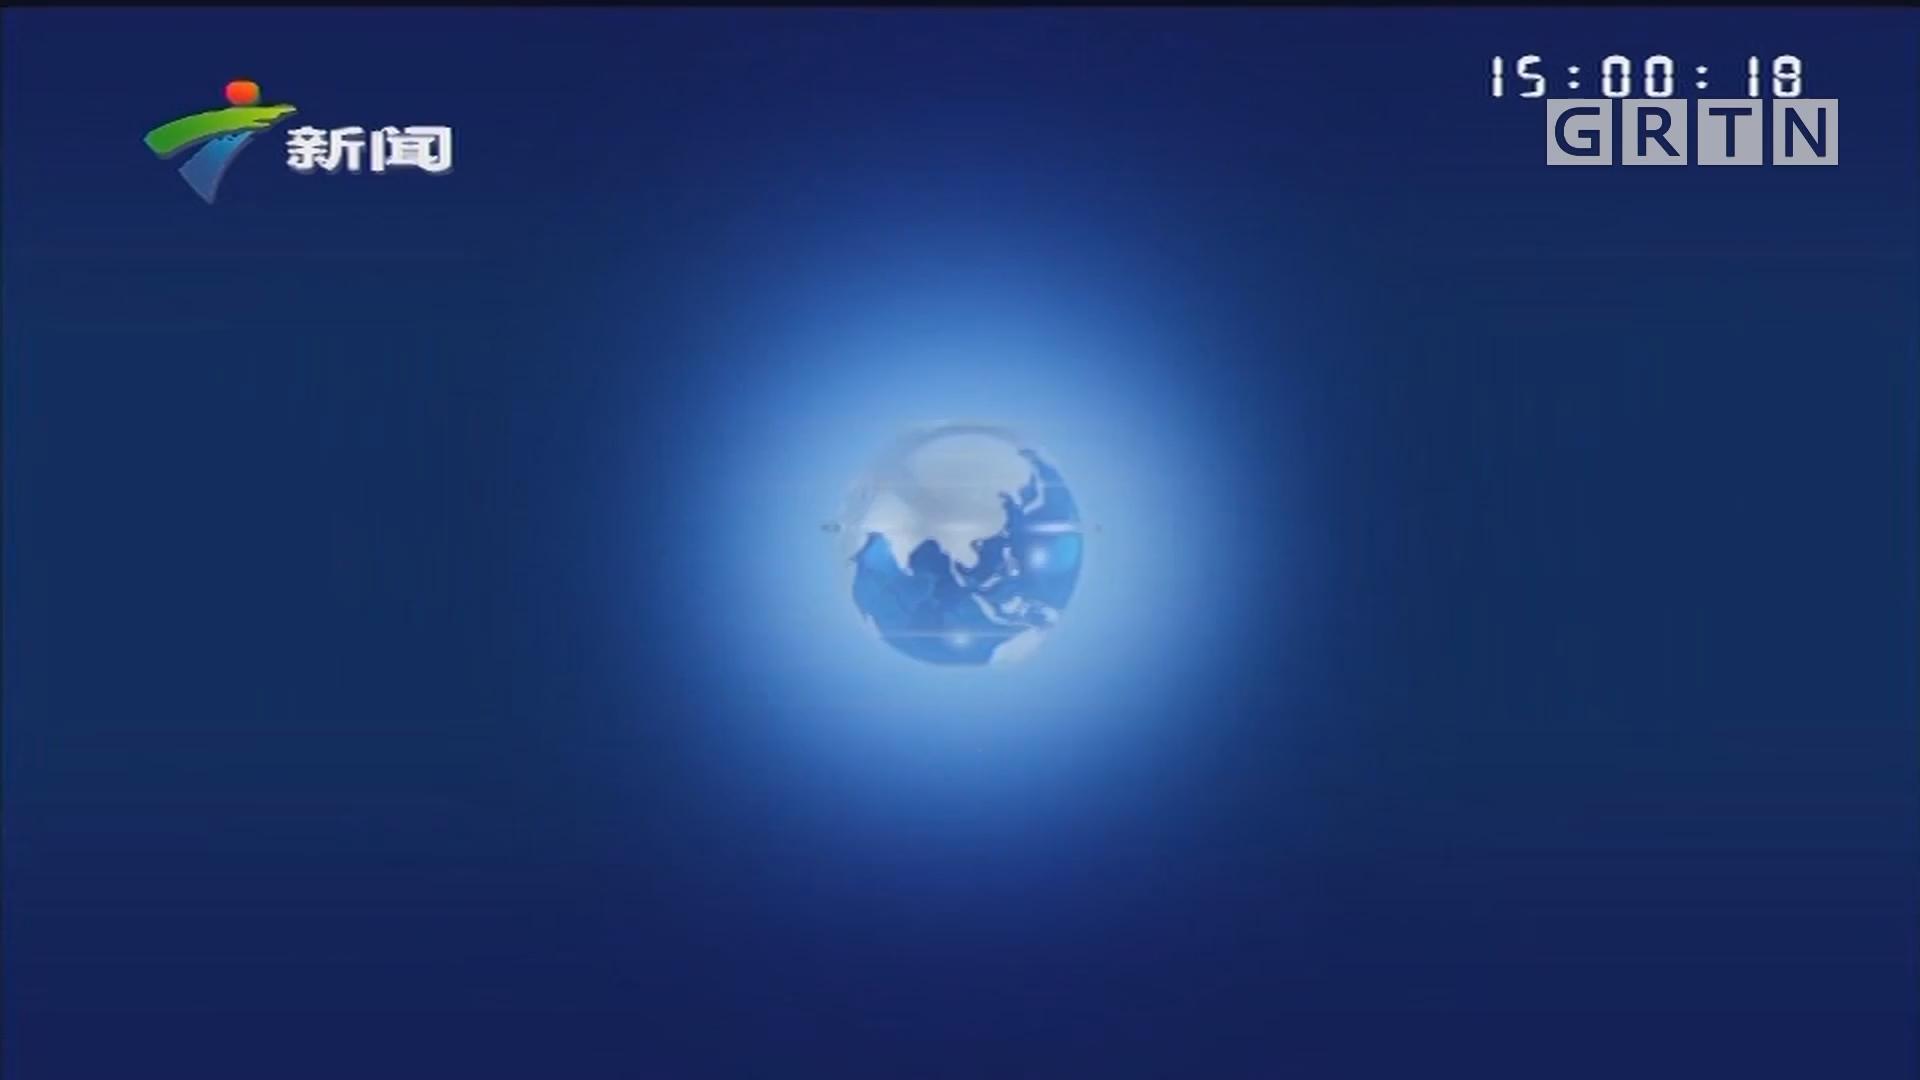 [HD][2019-12-10-15:00]正点播报:佛山:多方力量坚守救援第一线 防止山火复燃